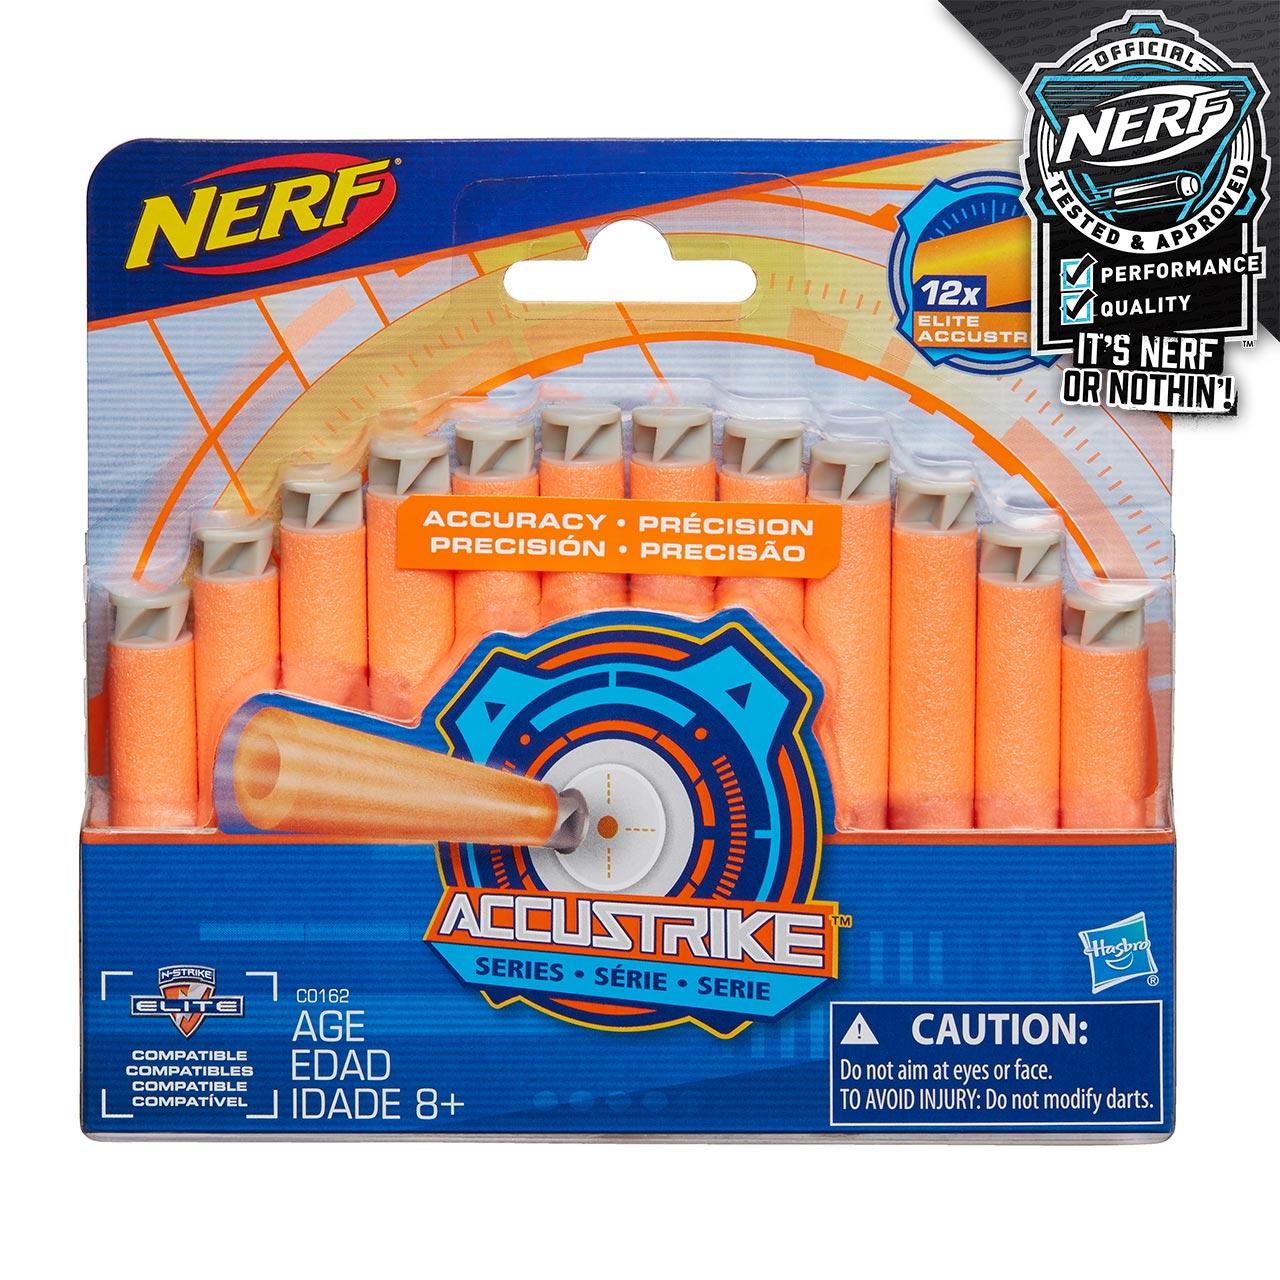 Nerf Accustrike šípky 12 ks